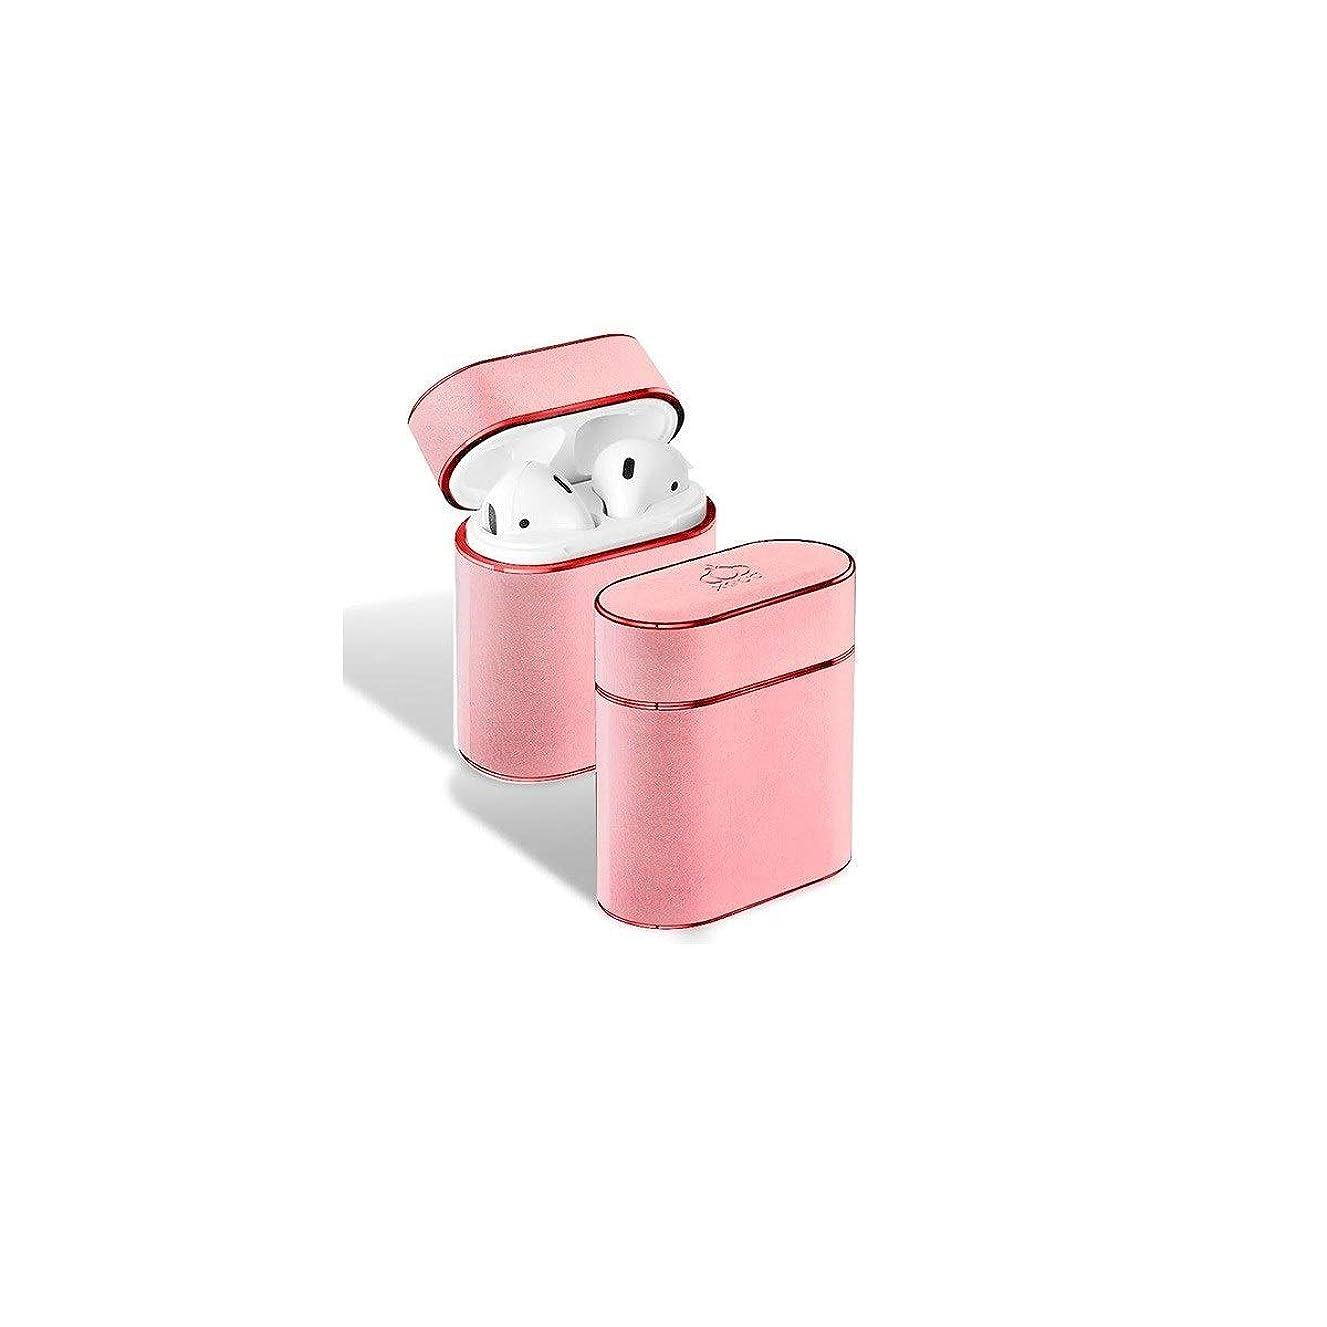 待ってトラクター結婚式ZYZRYP ワイヤレスBluetoothヘッドセットカバー、創造的なイヤホン収納ボックス (Color : Pink)